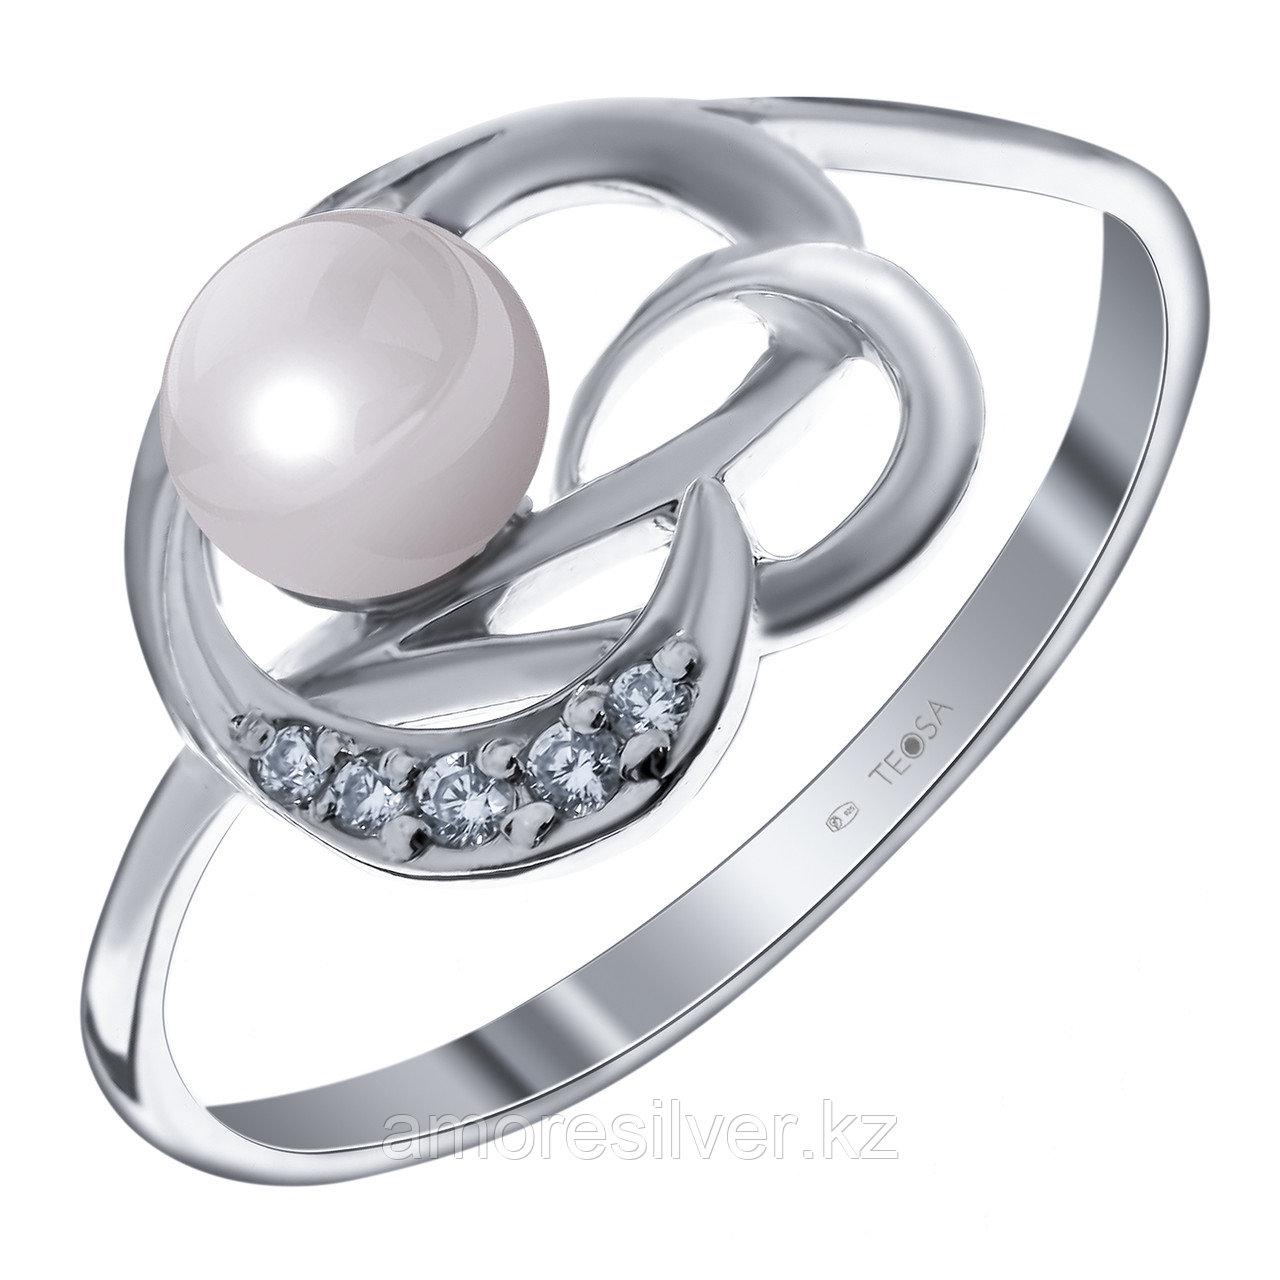 Кольцо TEOSA серебро с родием, жемчуг фианит, многокаменка 190-5-500